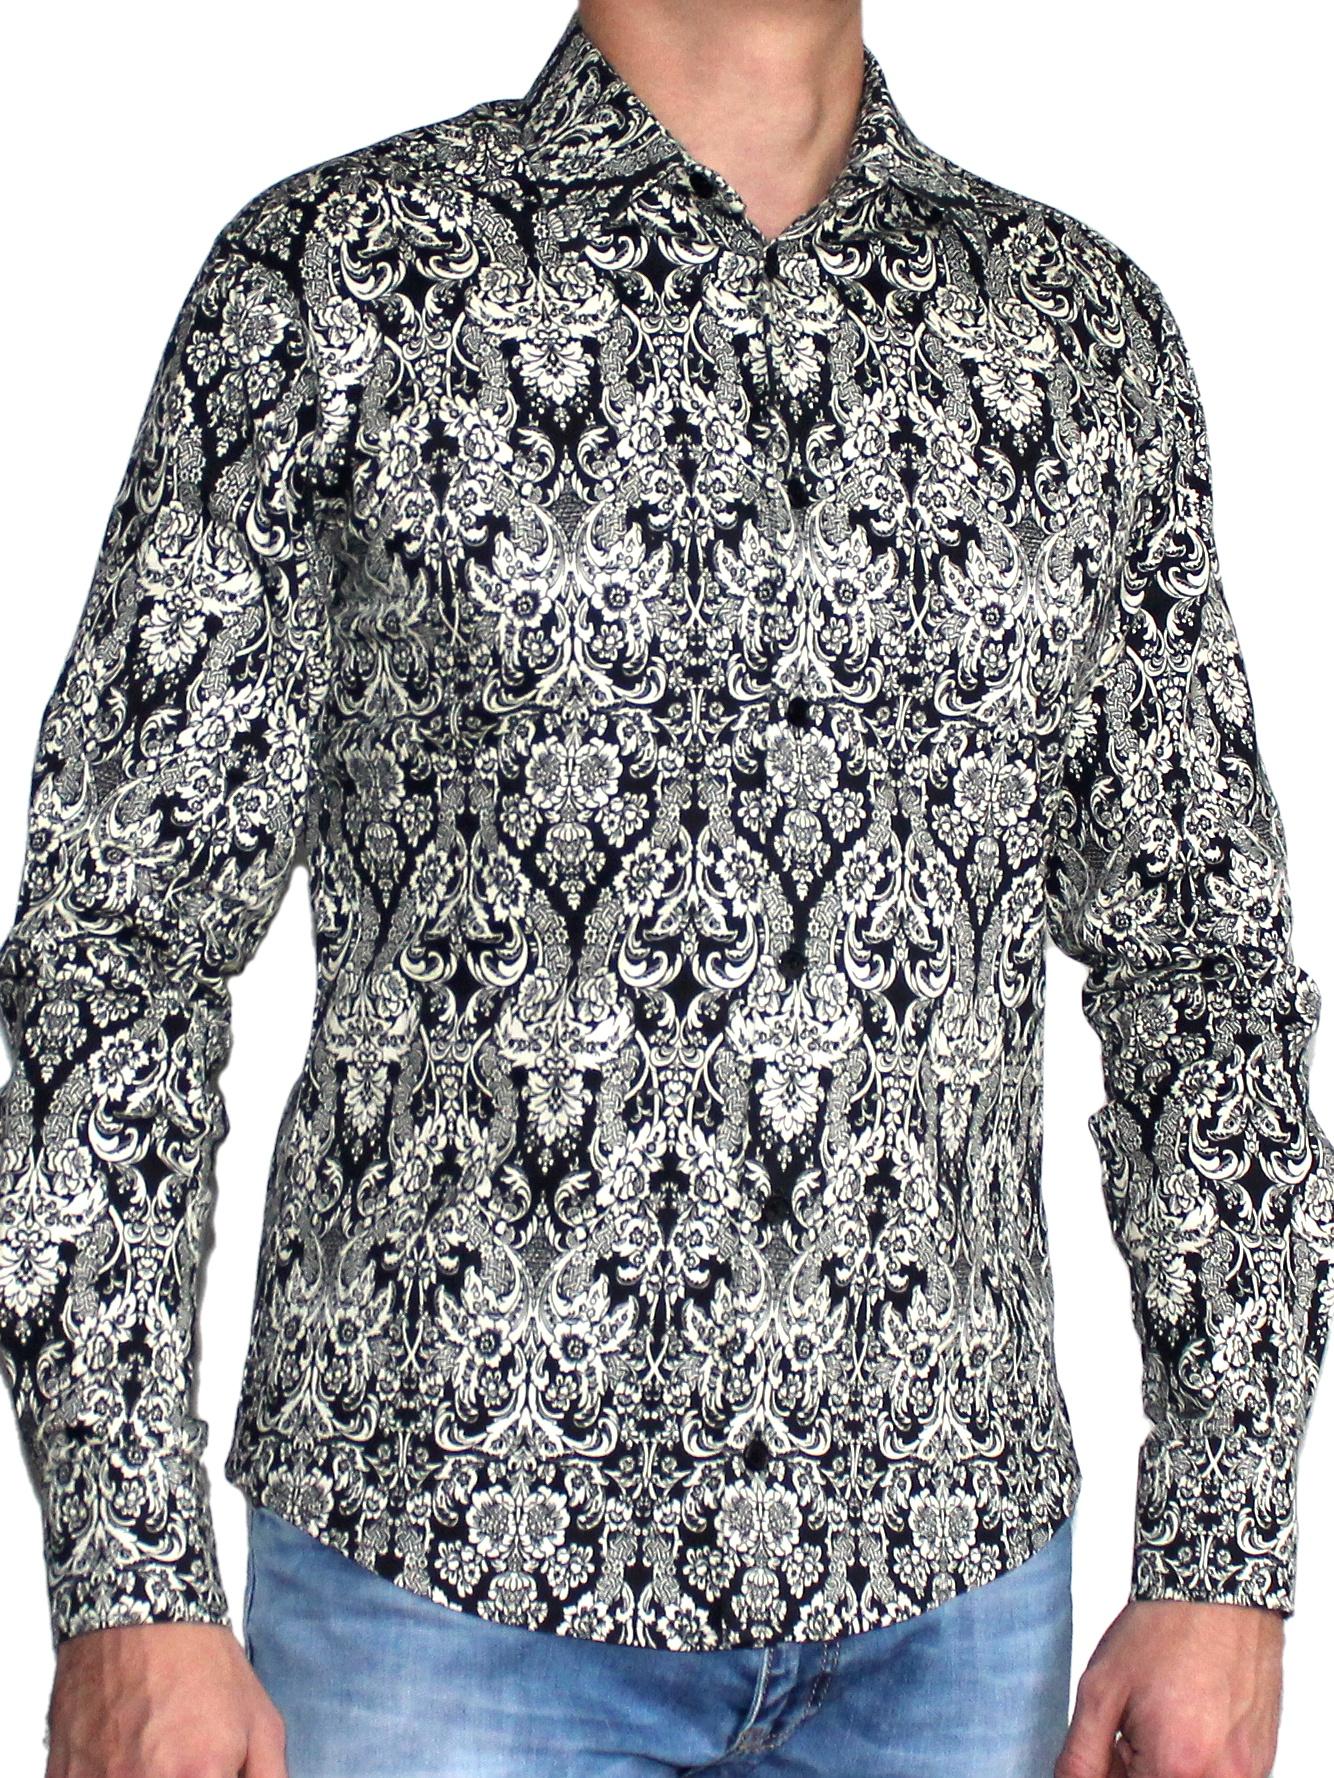 РубашкаРубашки<br>Стильная мужская рубашка с застежкой на пуговицы.  Цвет: черный, белый<br><br>По сезону: Всесезон<br>Размер: 44-46,48,50-52,54<br>Материал: 100% хлопок<br>Количество в наличии: 1